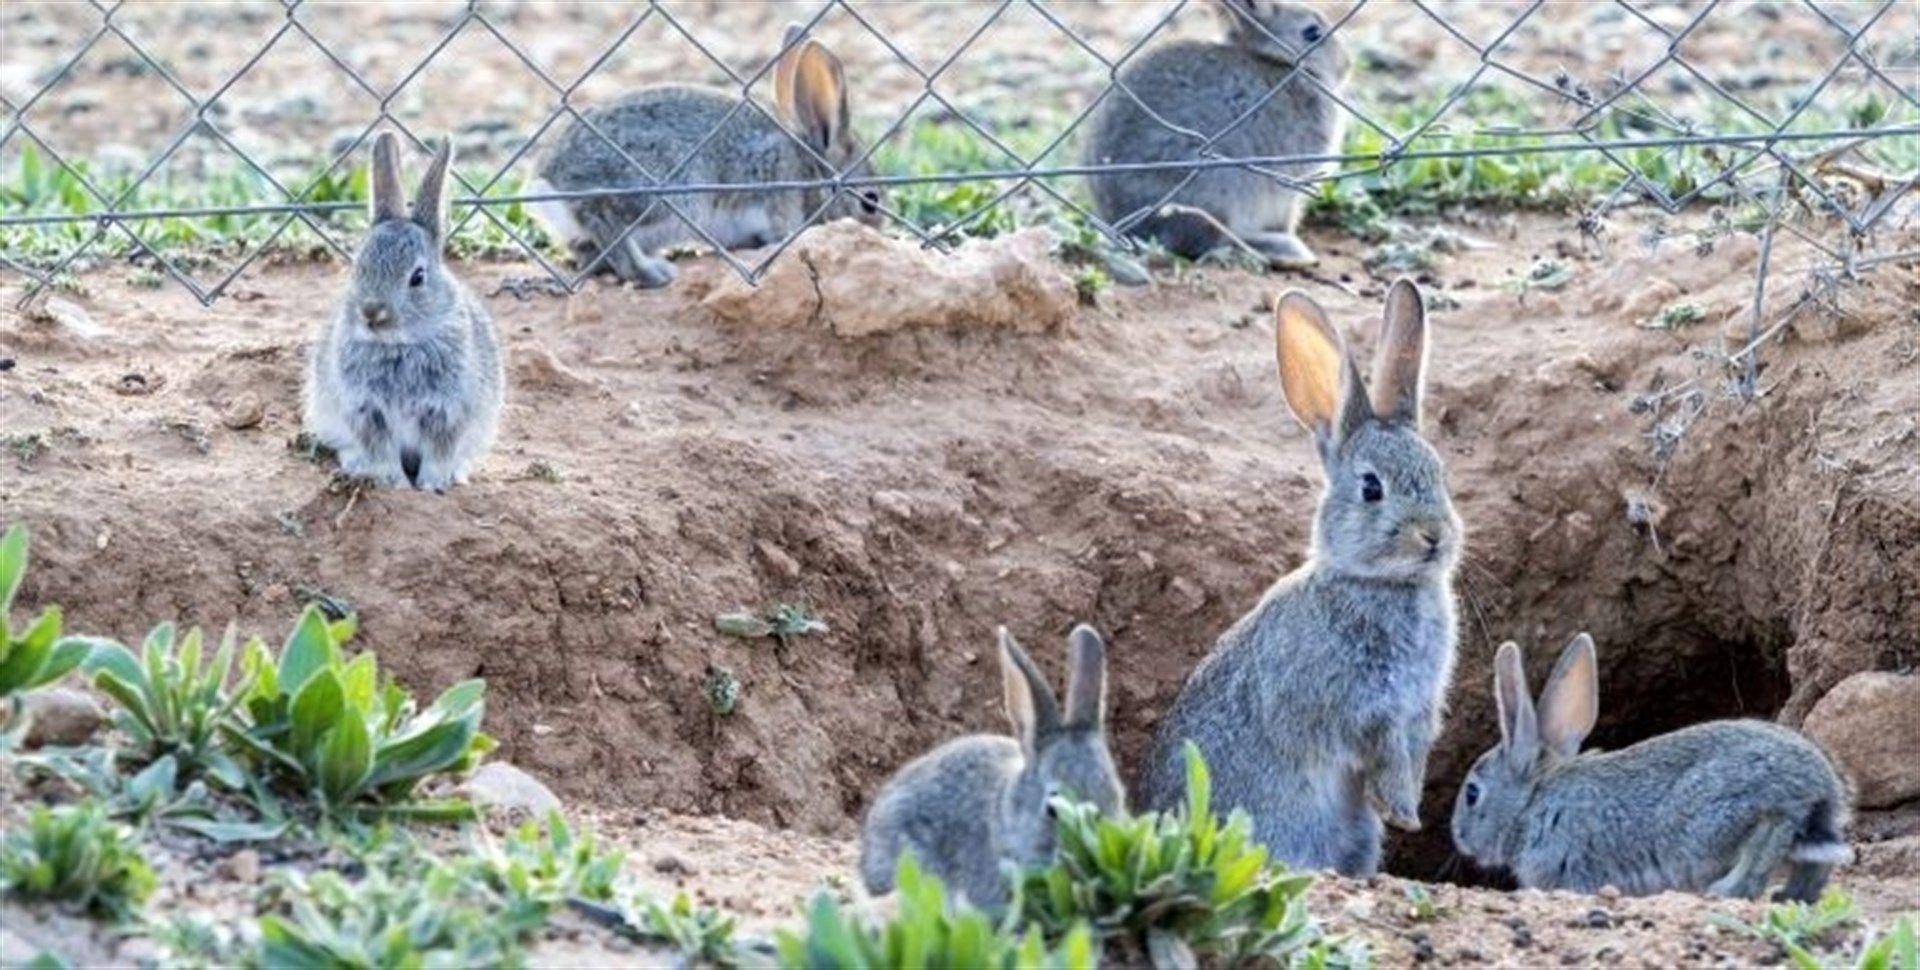 El Gobierno de Castilla-La Mancha declara la comarca de emergencia cinegética temporal por daños de conejos de monte y revisará la situación de sobrepoblación de ciertas especies cinegéticas